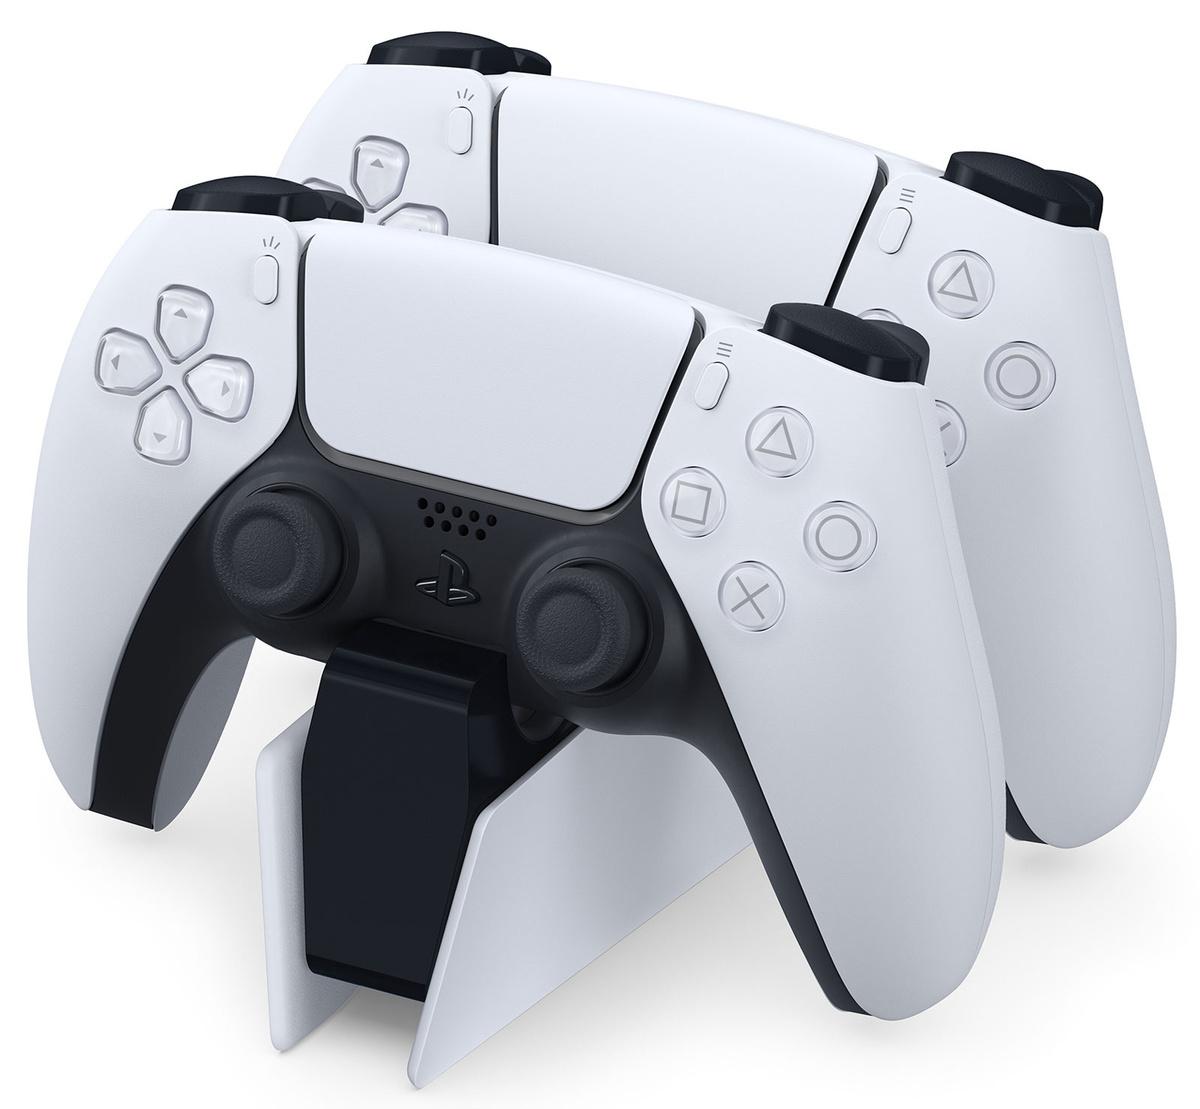 Зарядная станция Sony для геймпадов Dualsense (контроллеры покупаются отдельно)